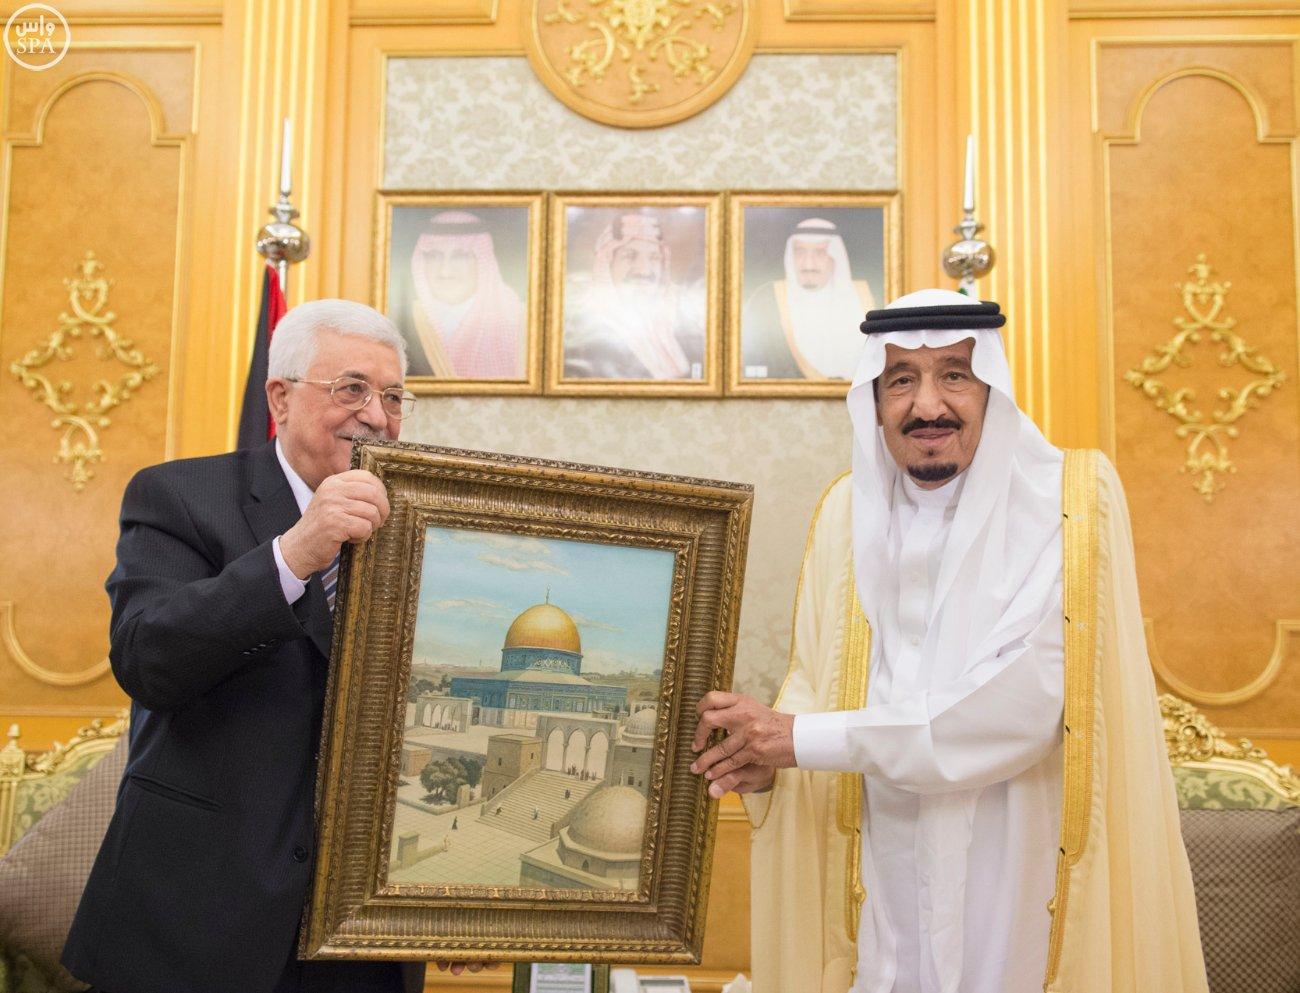 خادم الحرمين الشريفين يستقبل الرئيس الفلسطيني (4)